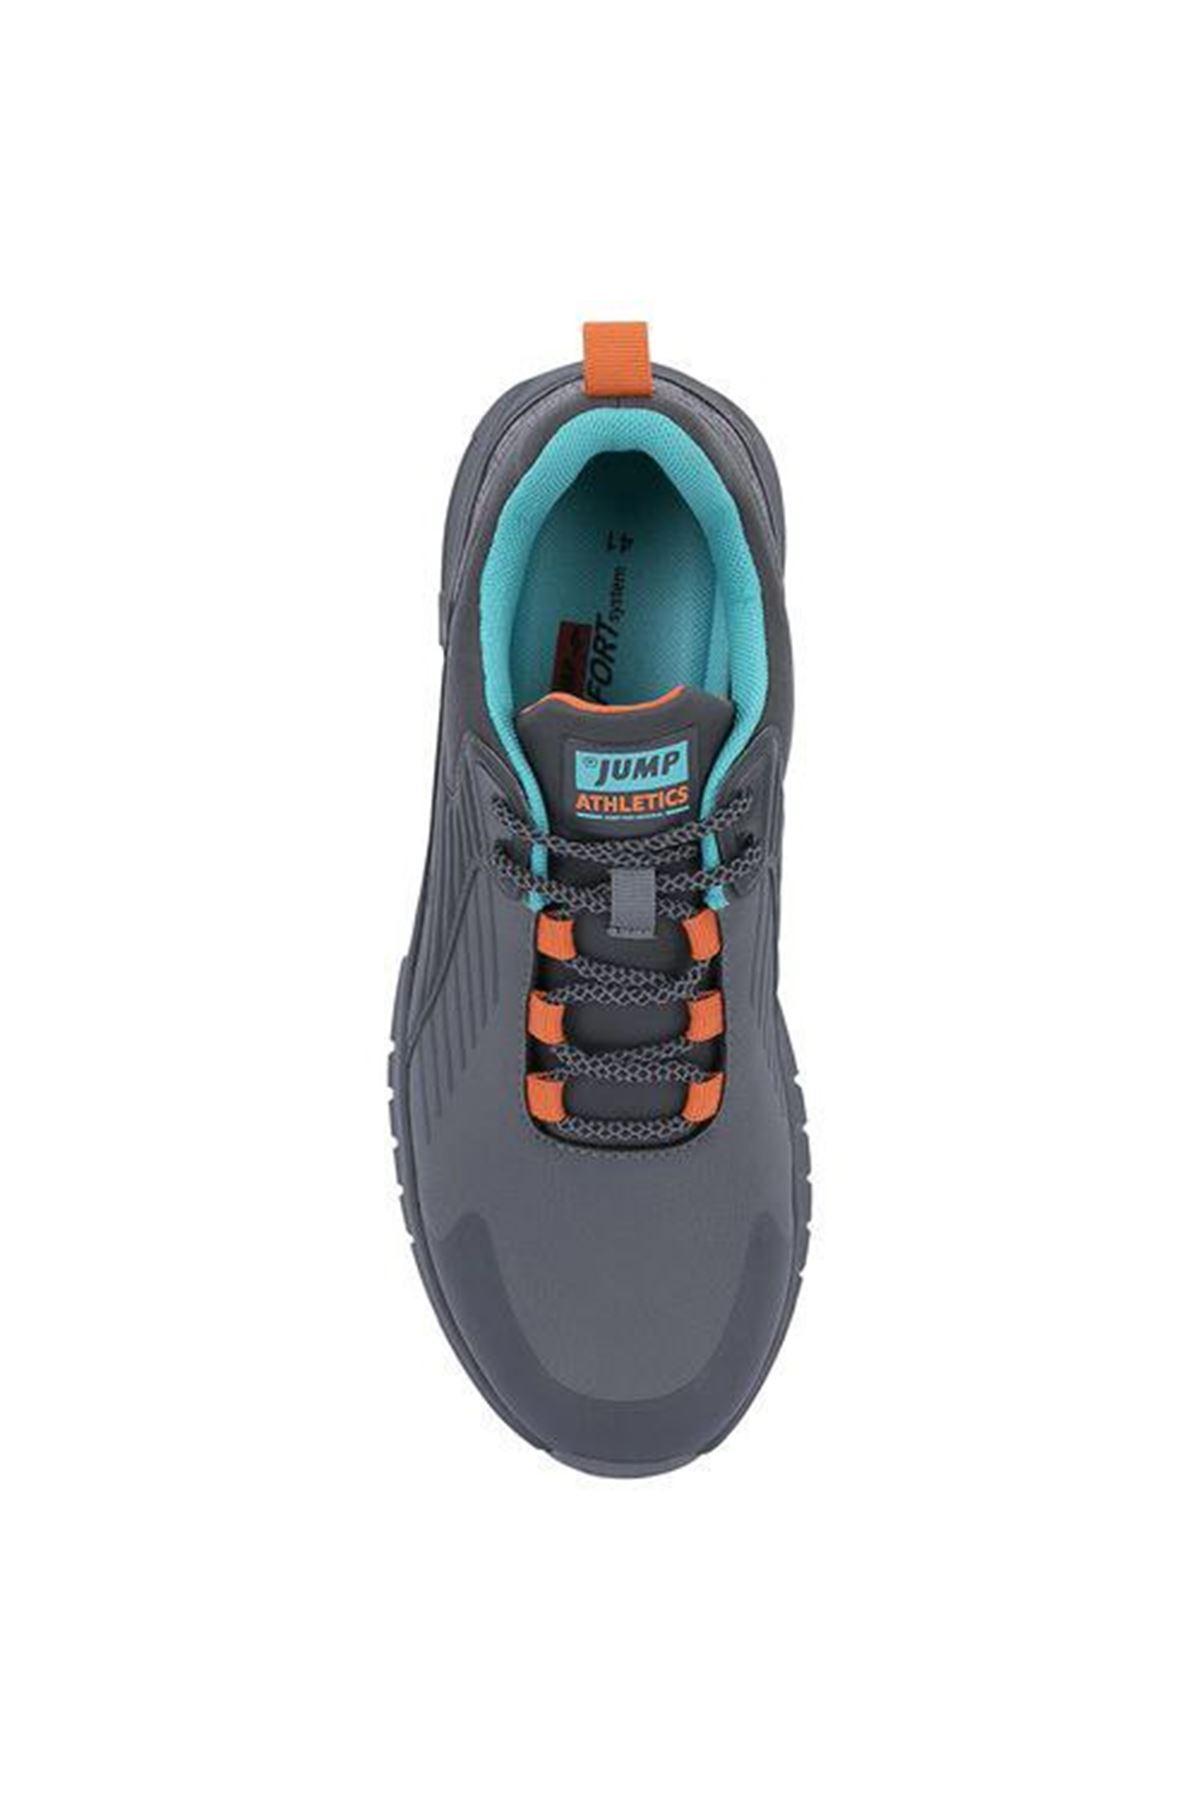 Jump Comport Taban Mavi Detaylı Rahat Erkek Spor Ayakkabı GRİ